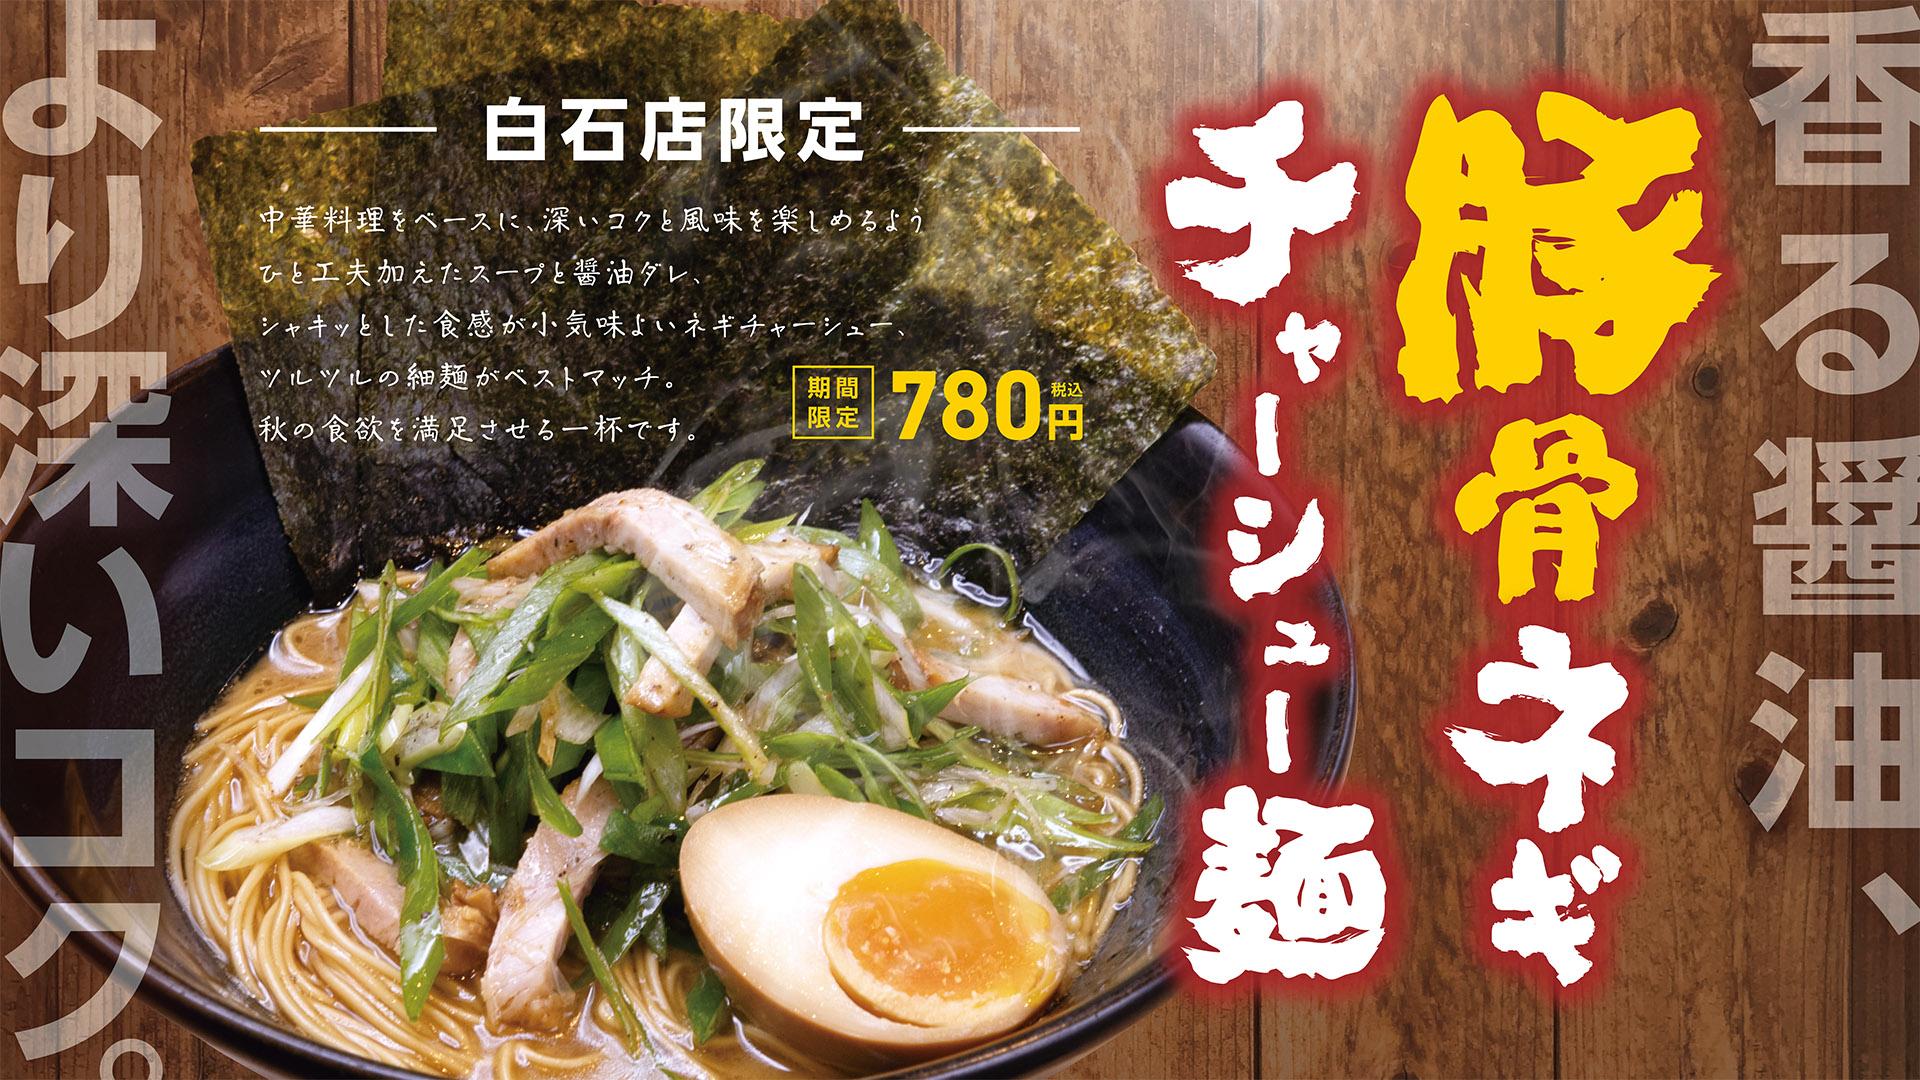 麺GO家 白石店限定/豚骨ネギチャーシュー麺